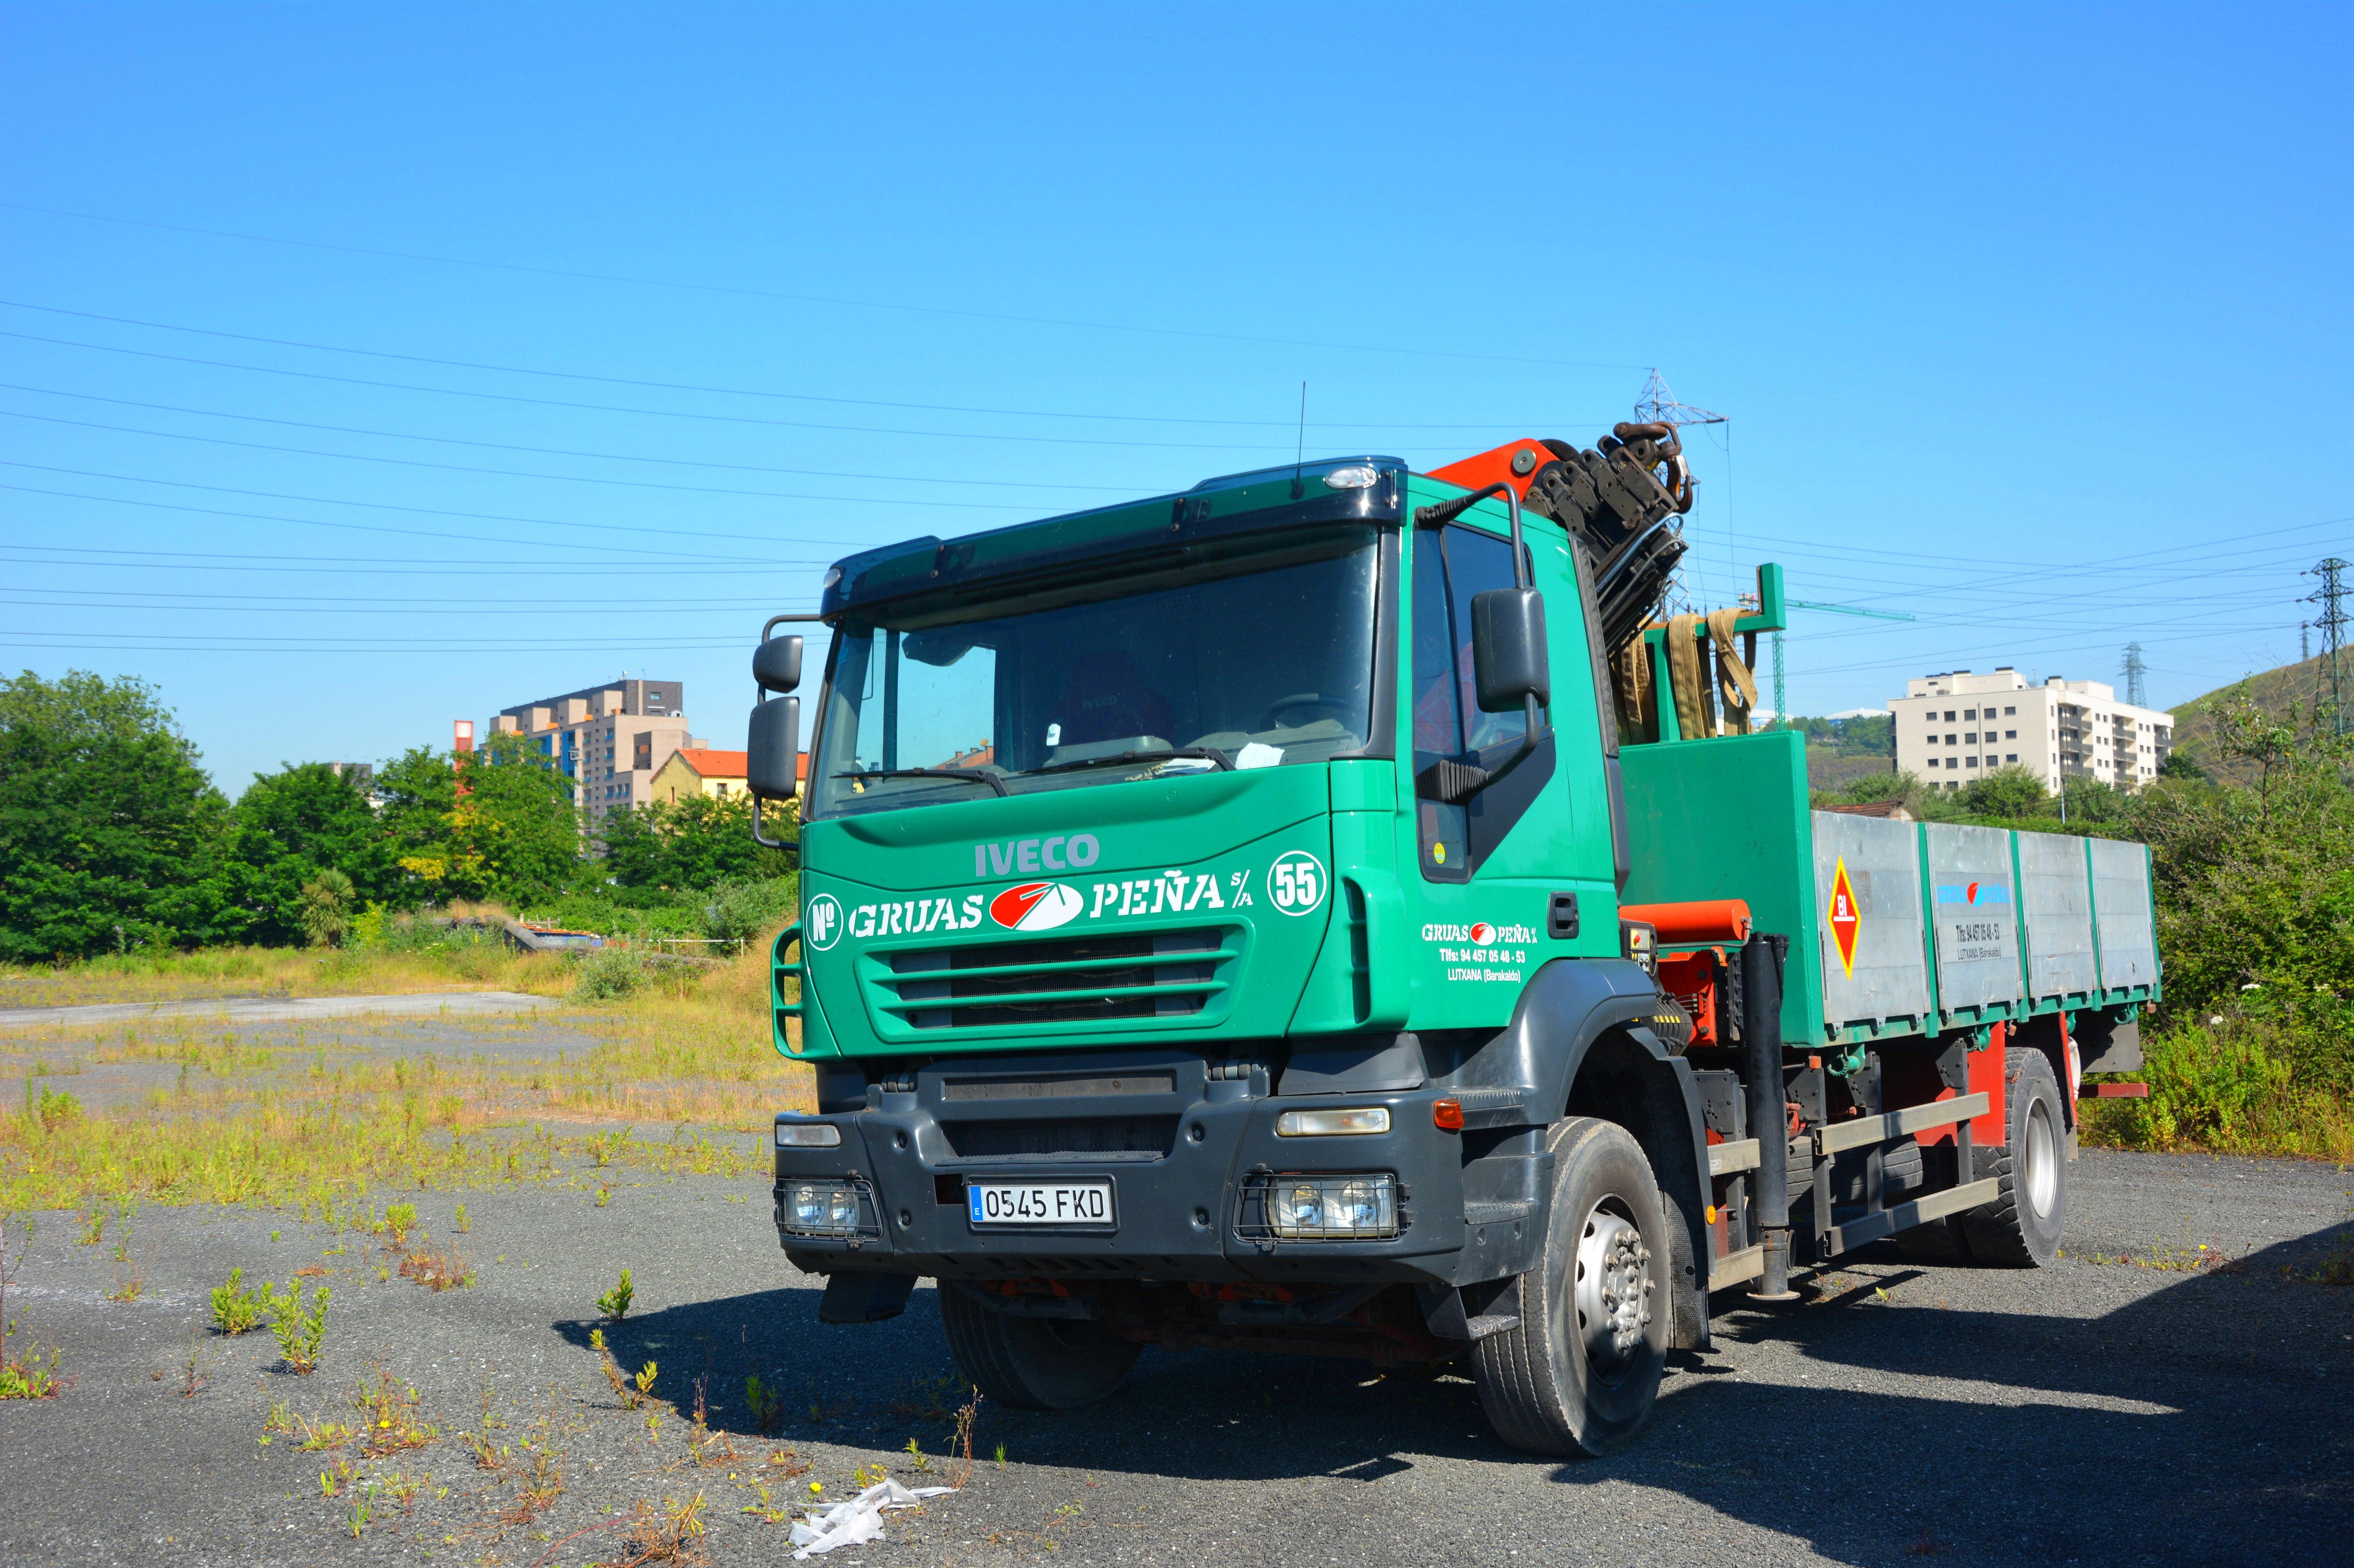 Foto 12 de Alquiler de camiones con grúa en Barakaldo | Camiones con Grúas Peña